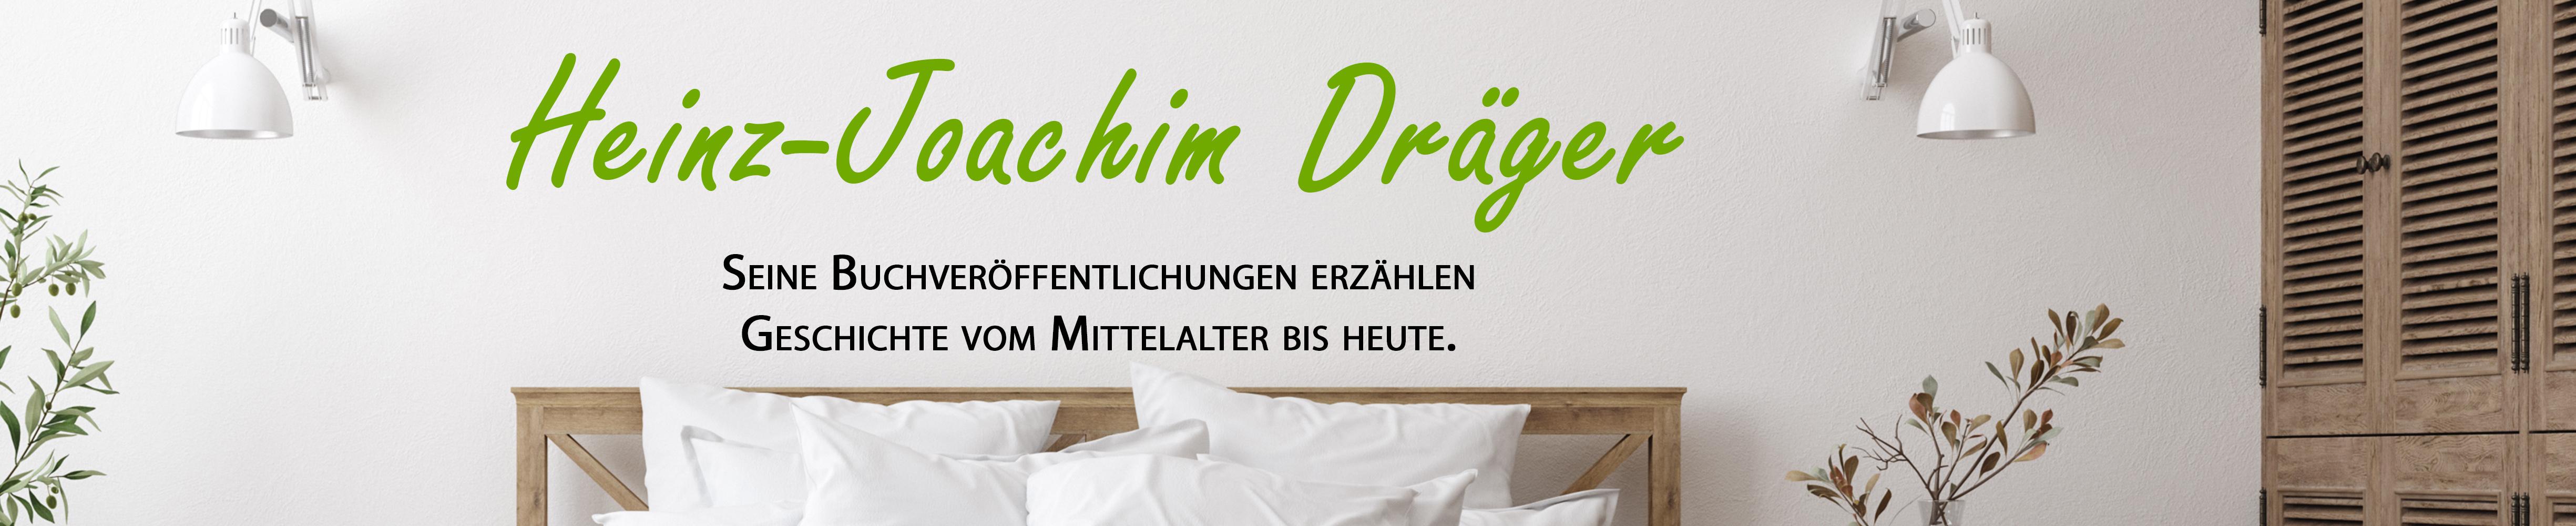 Kategorie: Heinz-Joachim Dräger